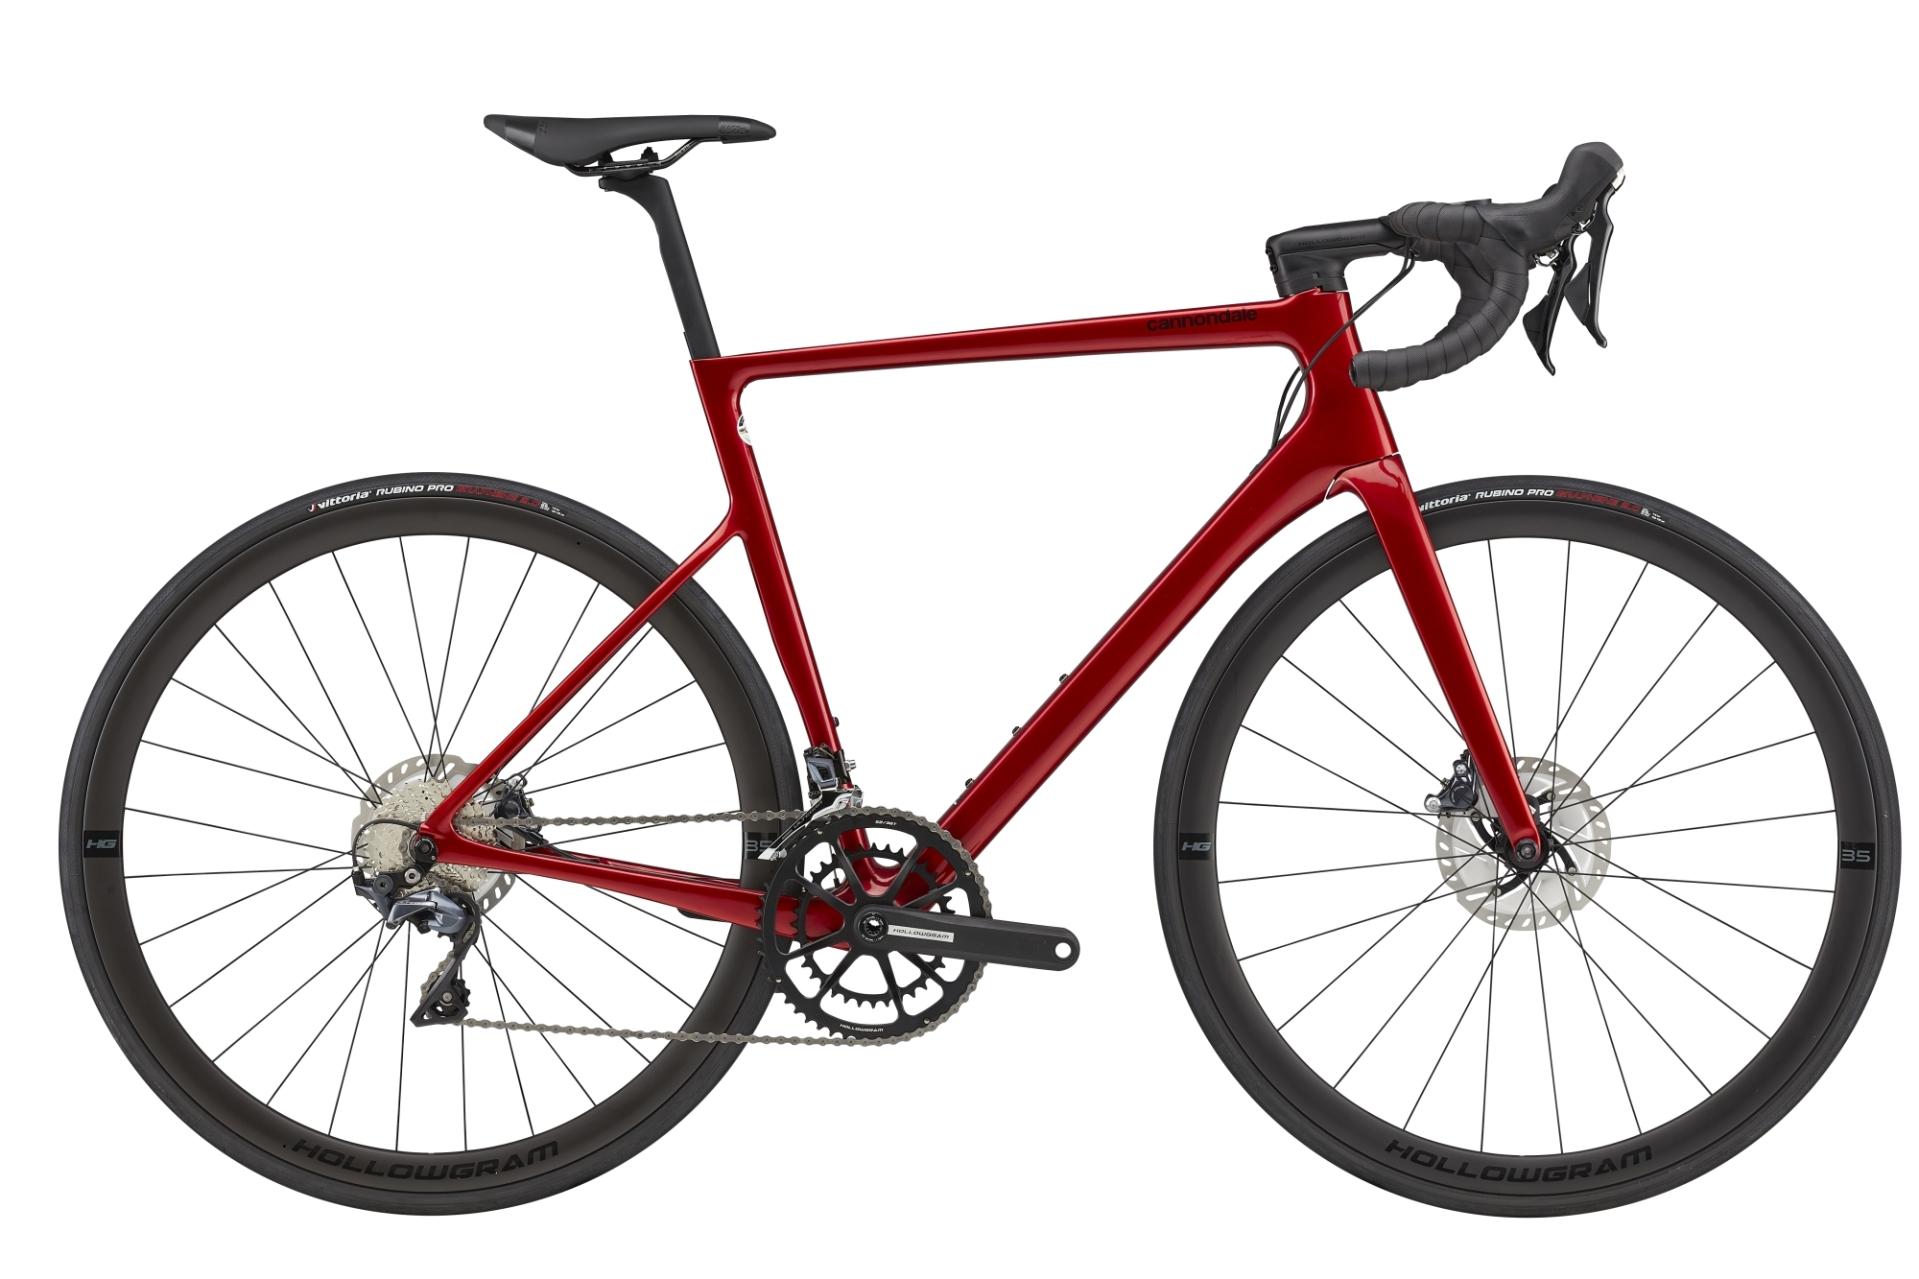 Cannondale SuperSix Evo HM Disc Ultegra országúti kerékpár - piros - 56 cm (2021)